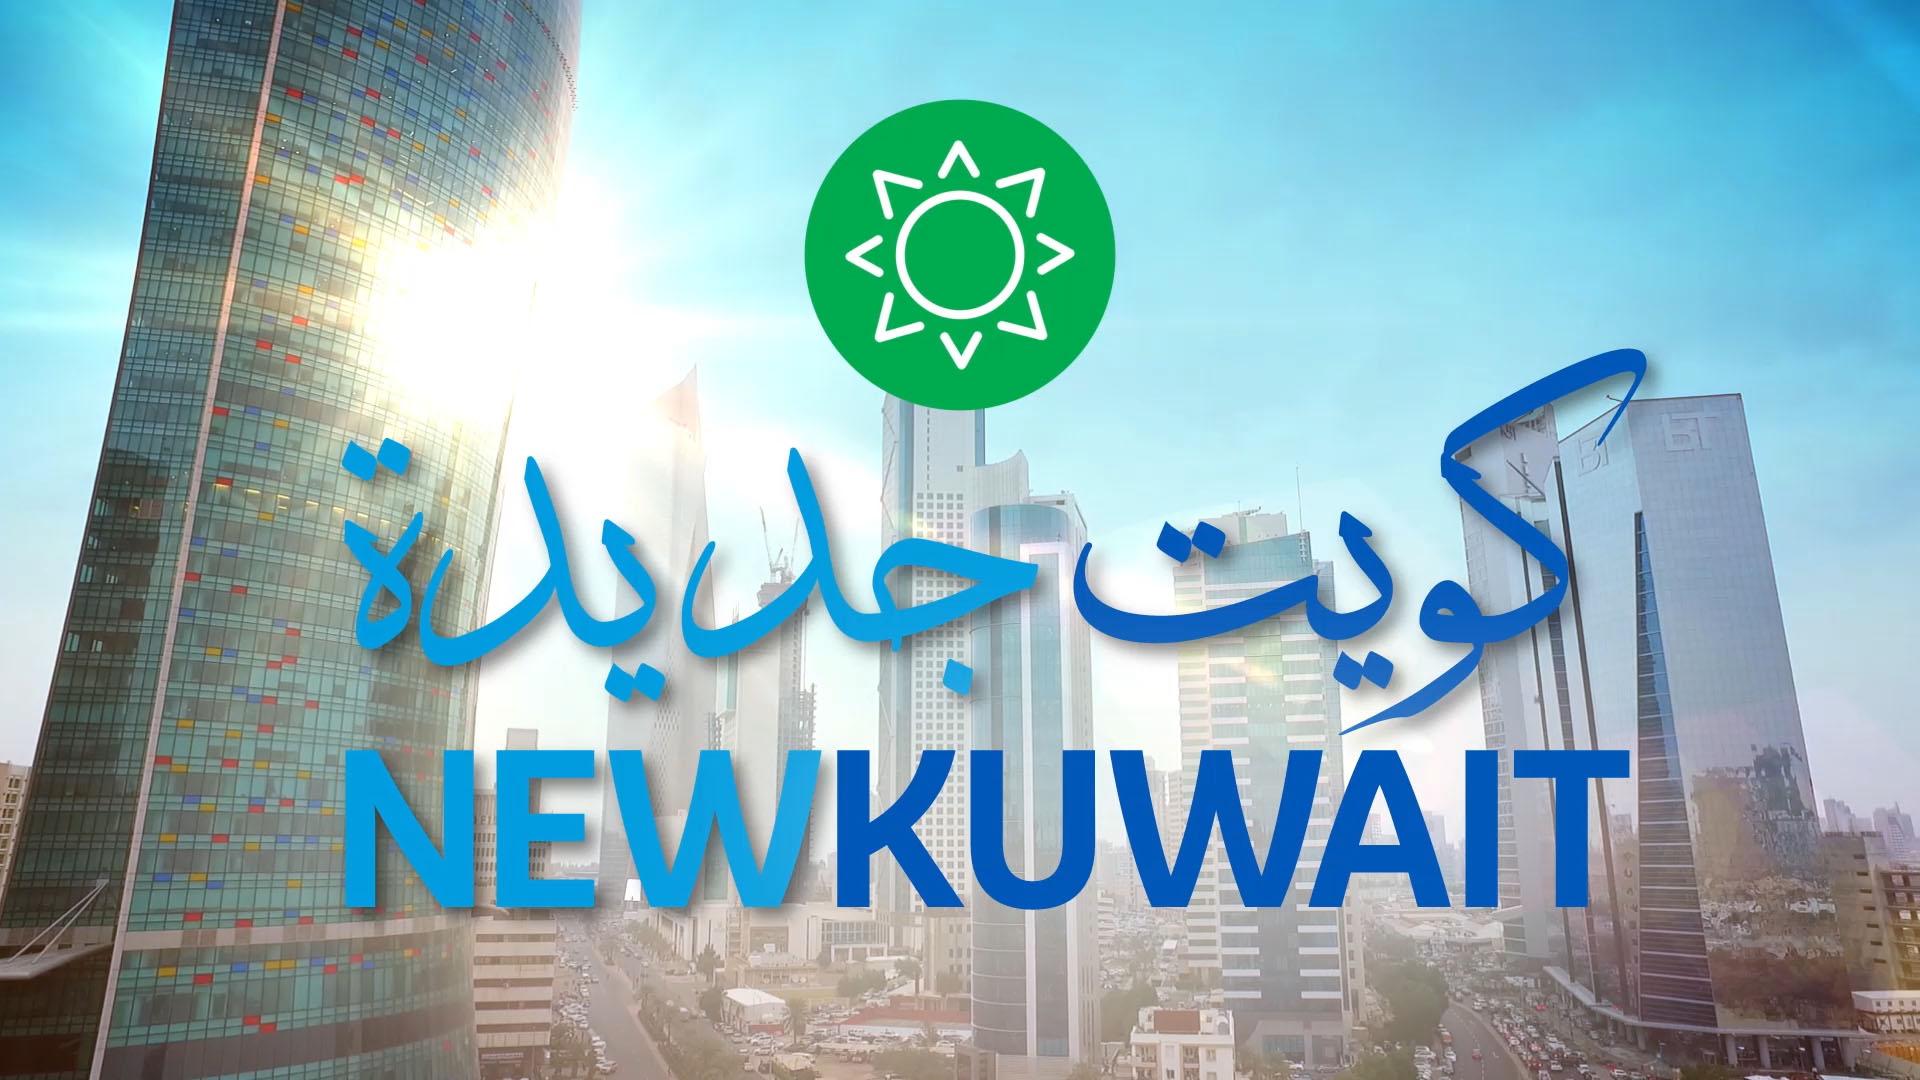 كويت جديدة، رؤية الكويت 2035